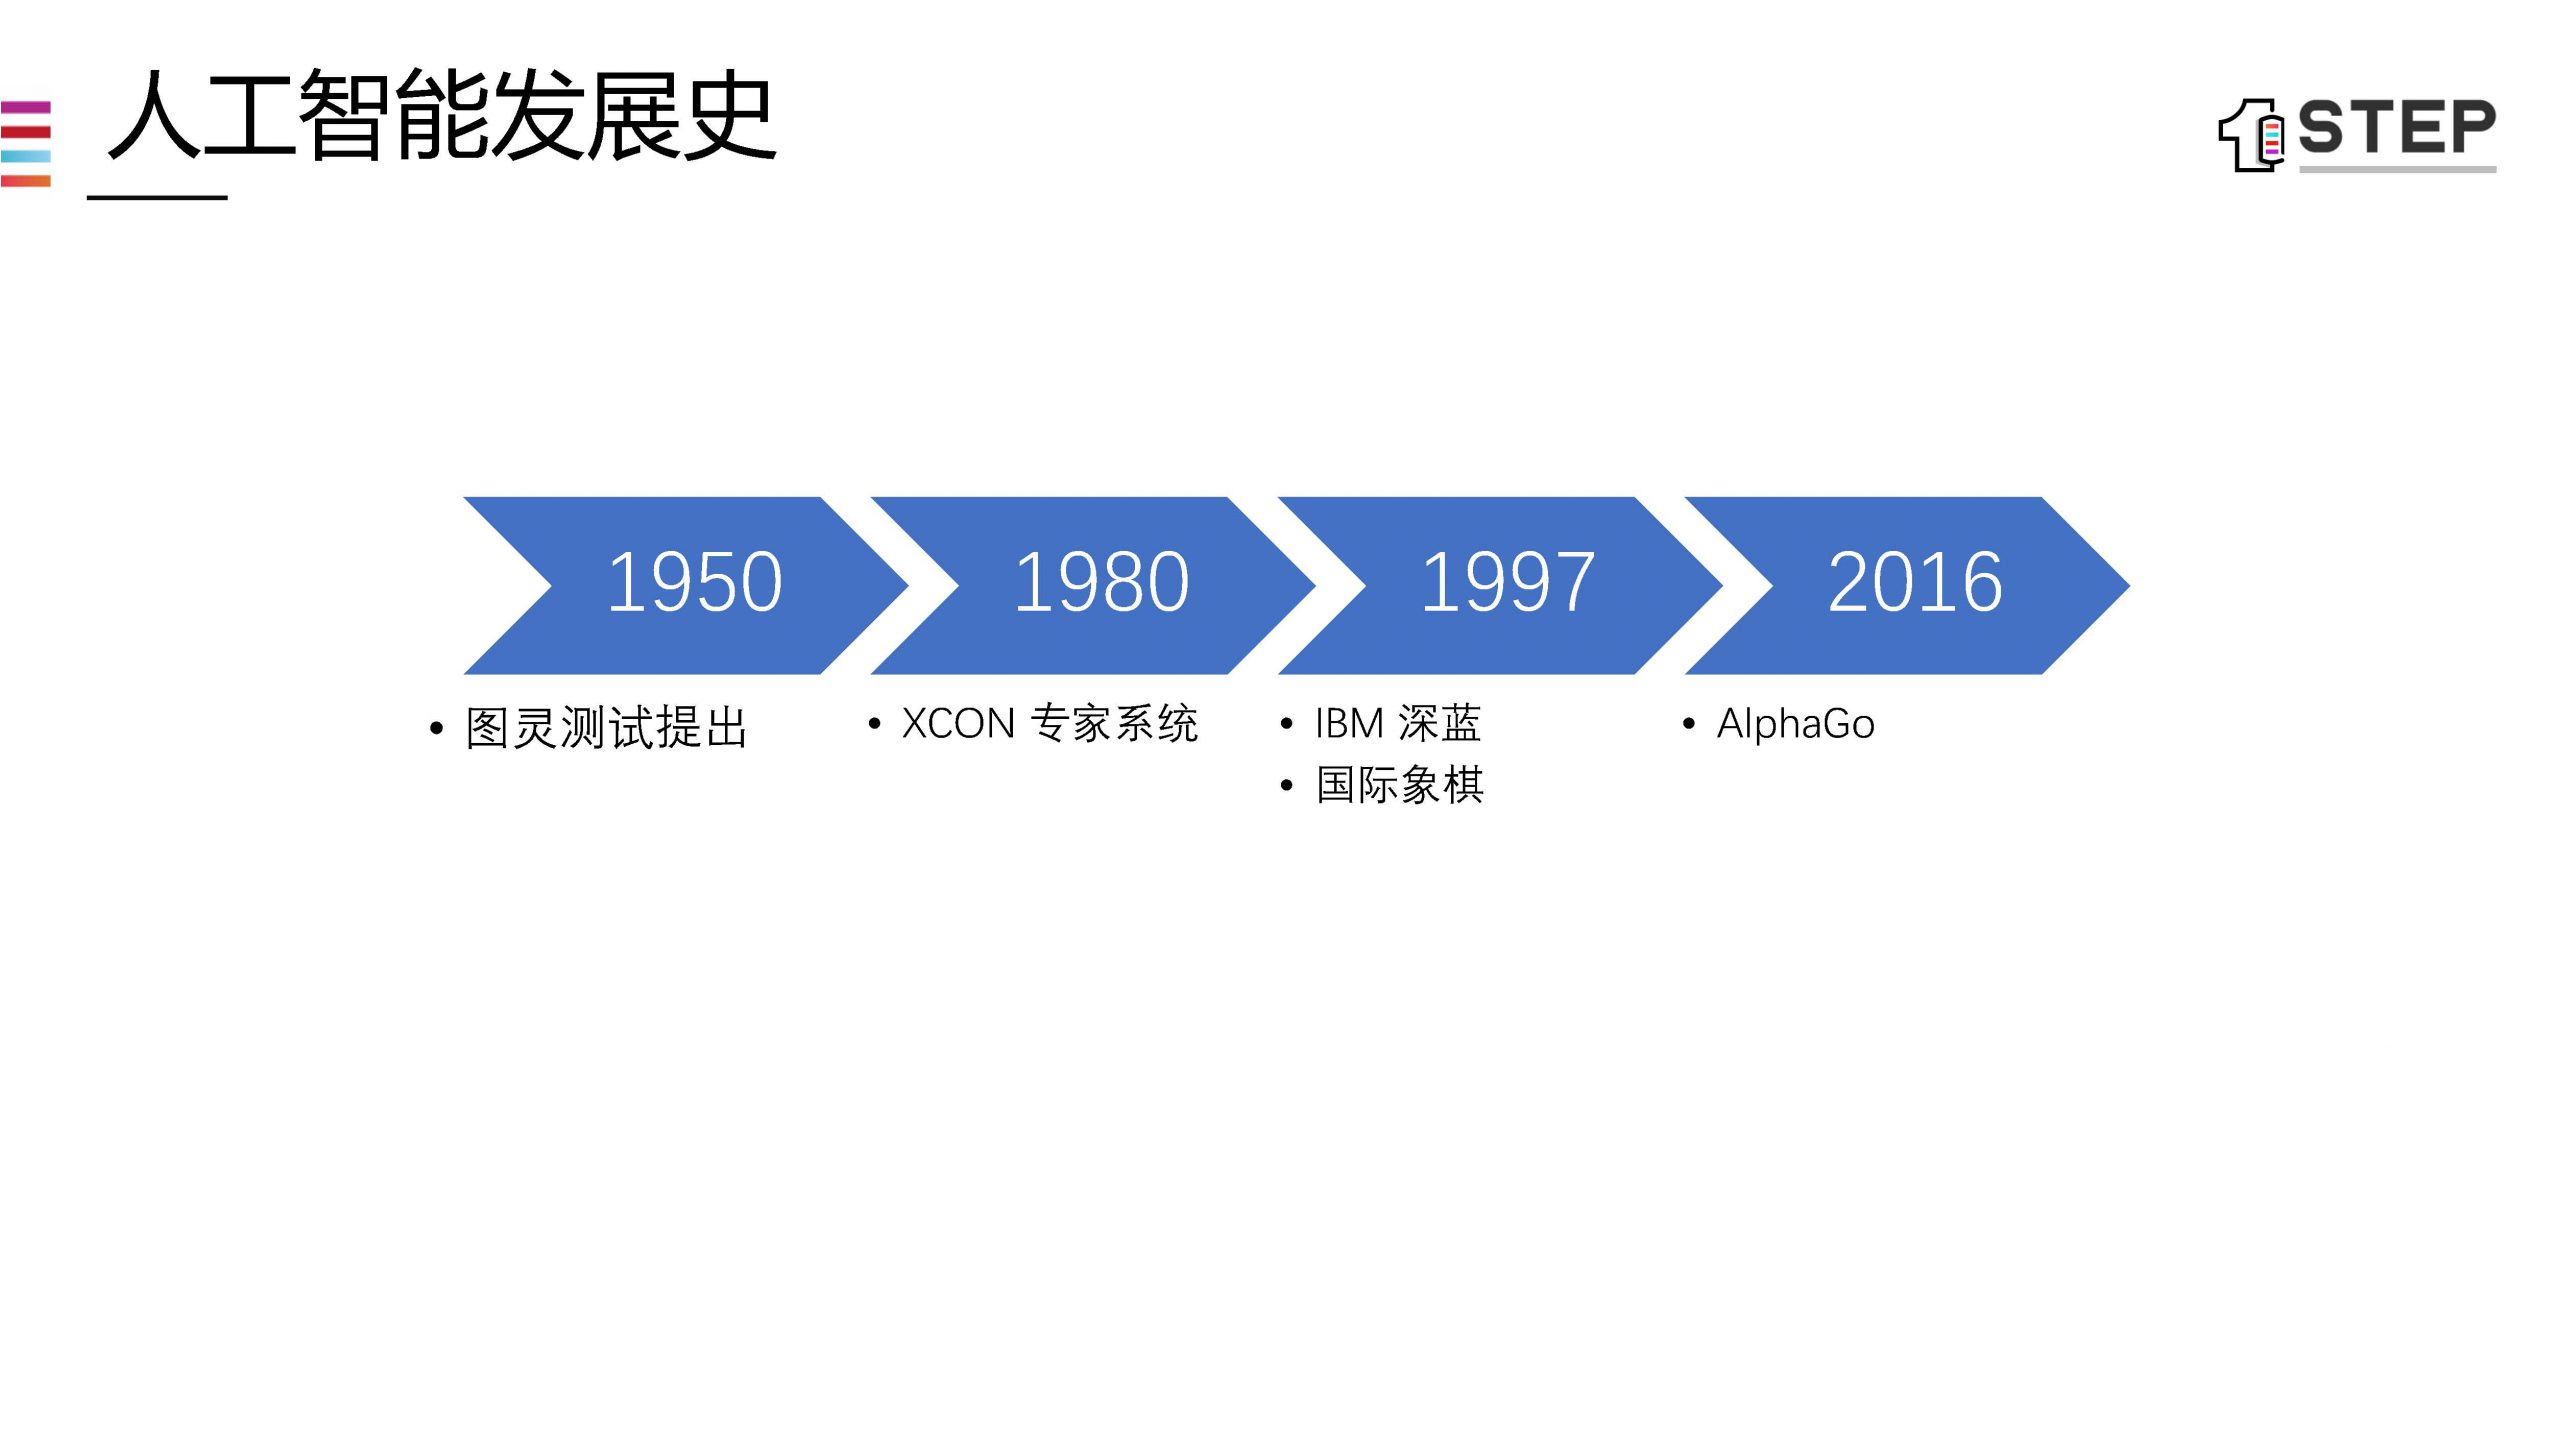 大数据研究报告,1STEP-2020年5G时代的数据智能化报告!